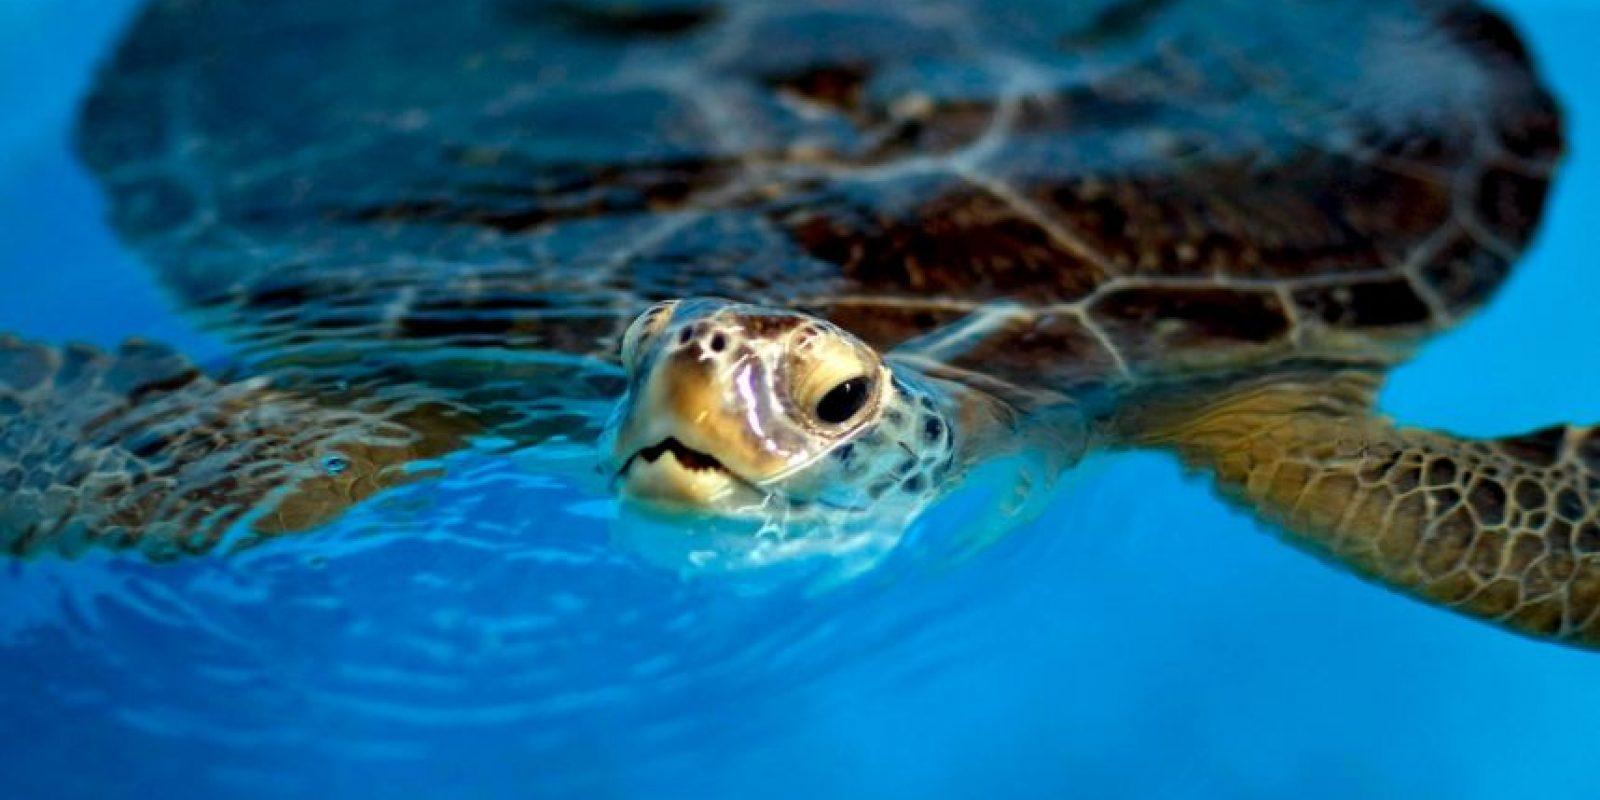 Estas pueden nadar y contener la respiración por diez minutos para luego subir a la superficie a respirar Foto:Getty Images